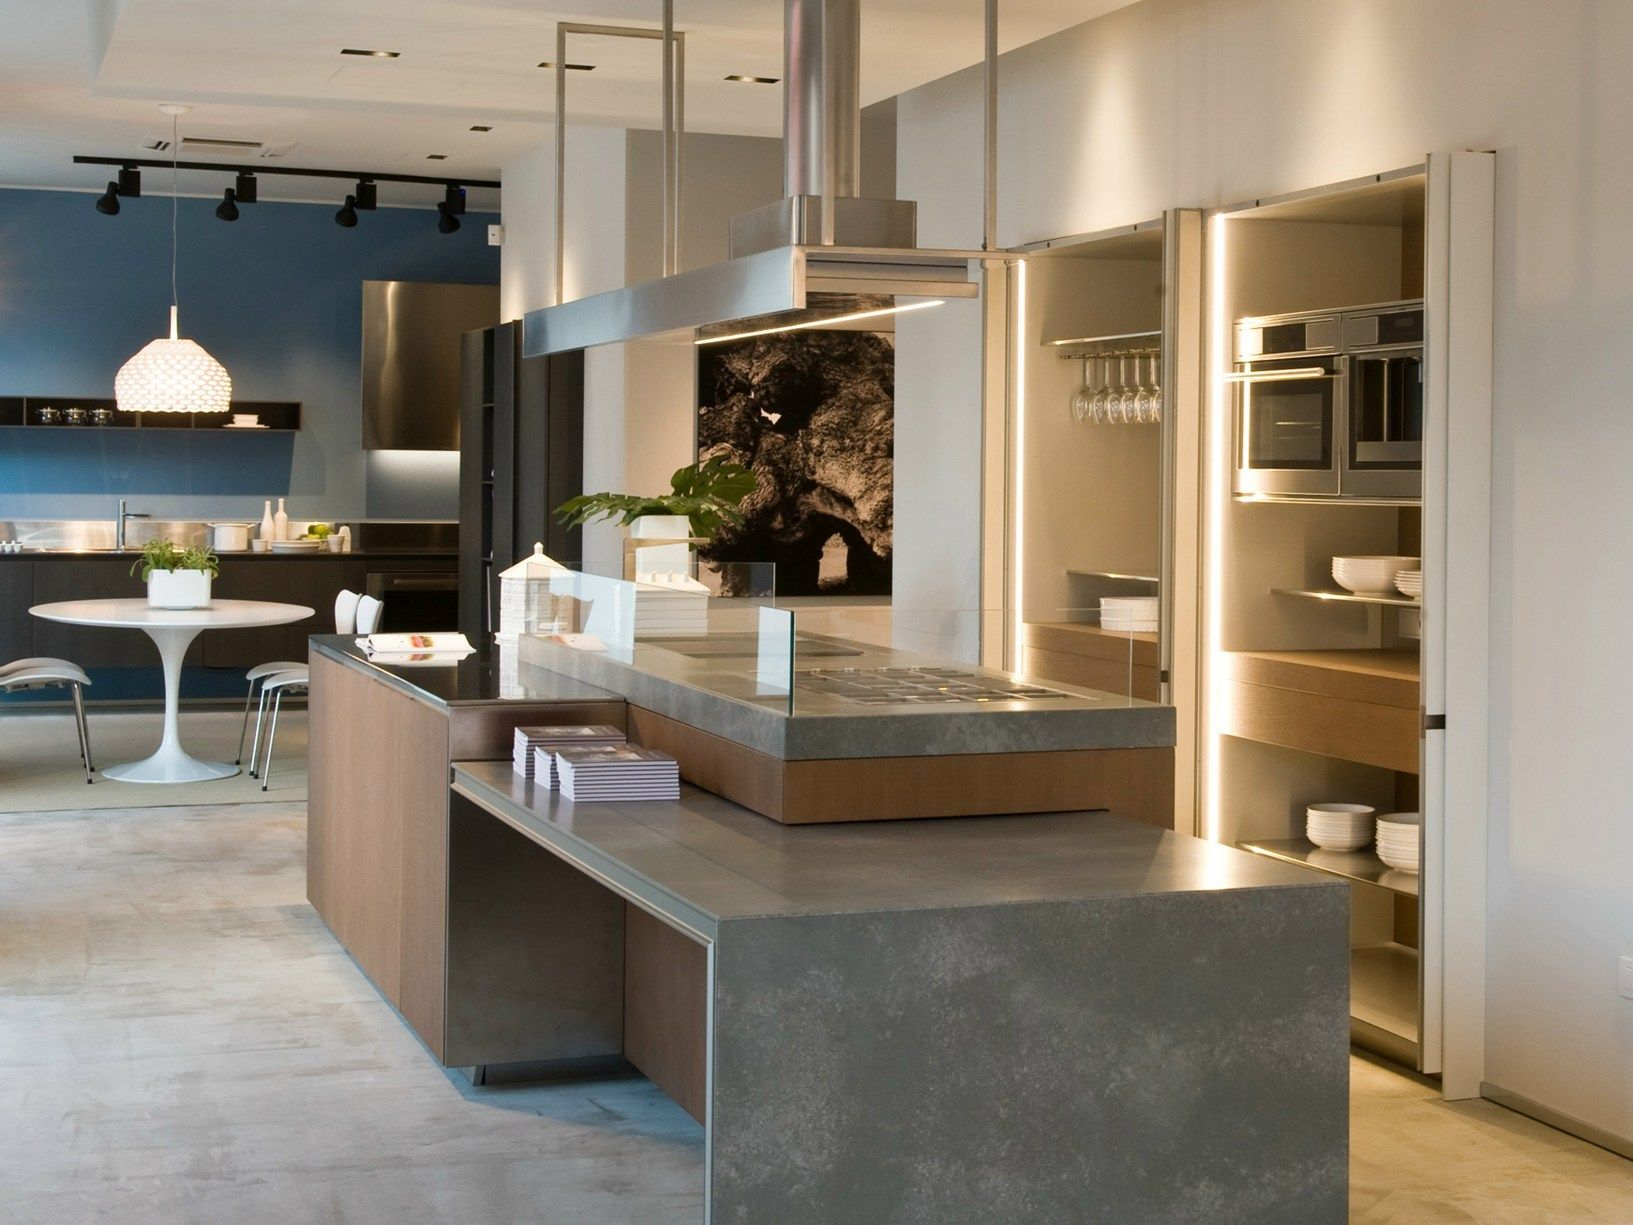 Ernestomeda inaugura il nuovo showroom di bari - Tutto cucine carre ...